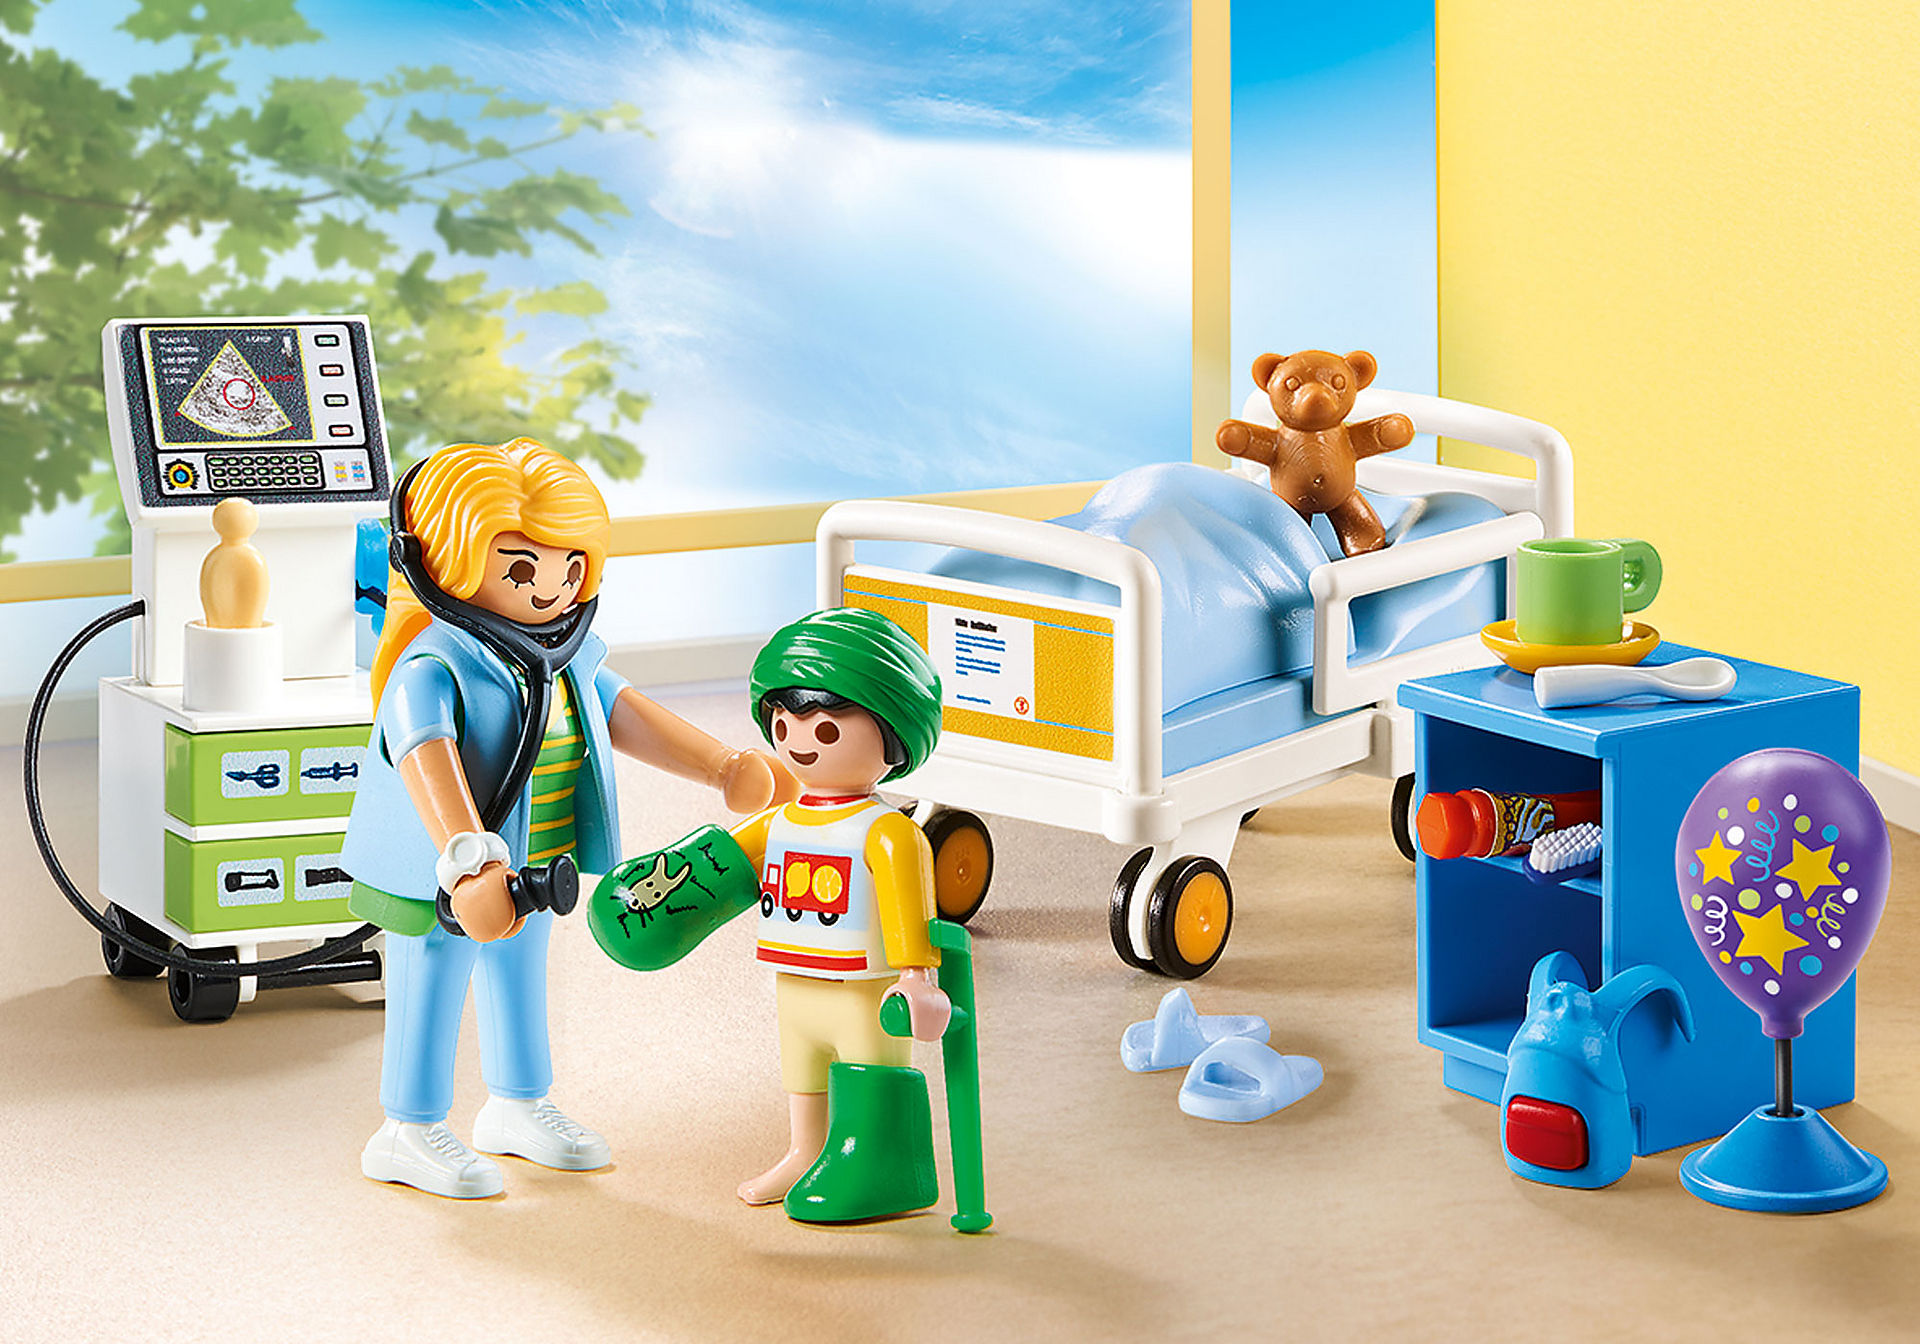 70192 Chambre d'hôpital pour enfant  zoom image1